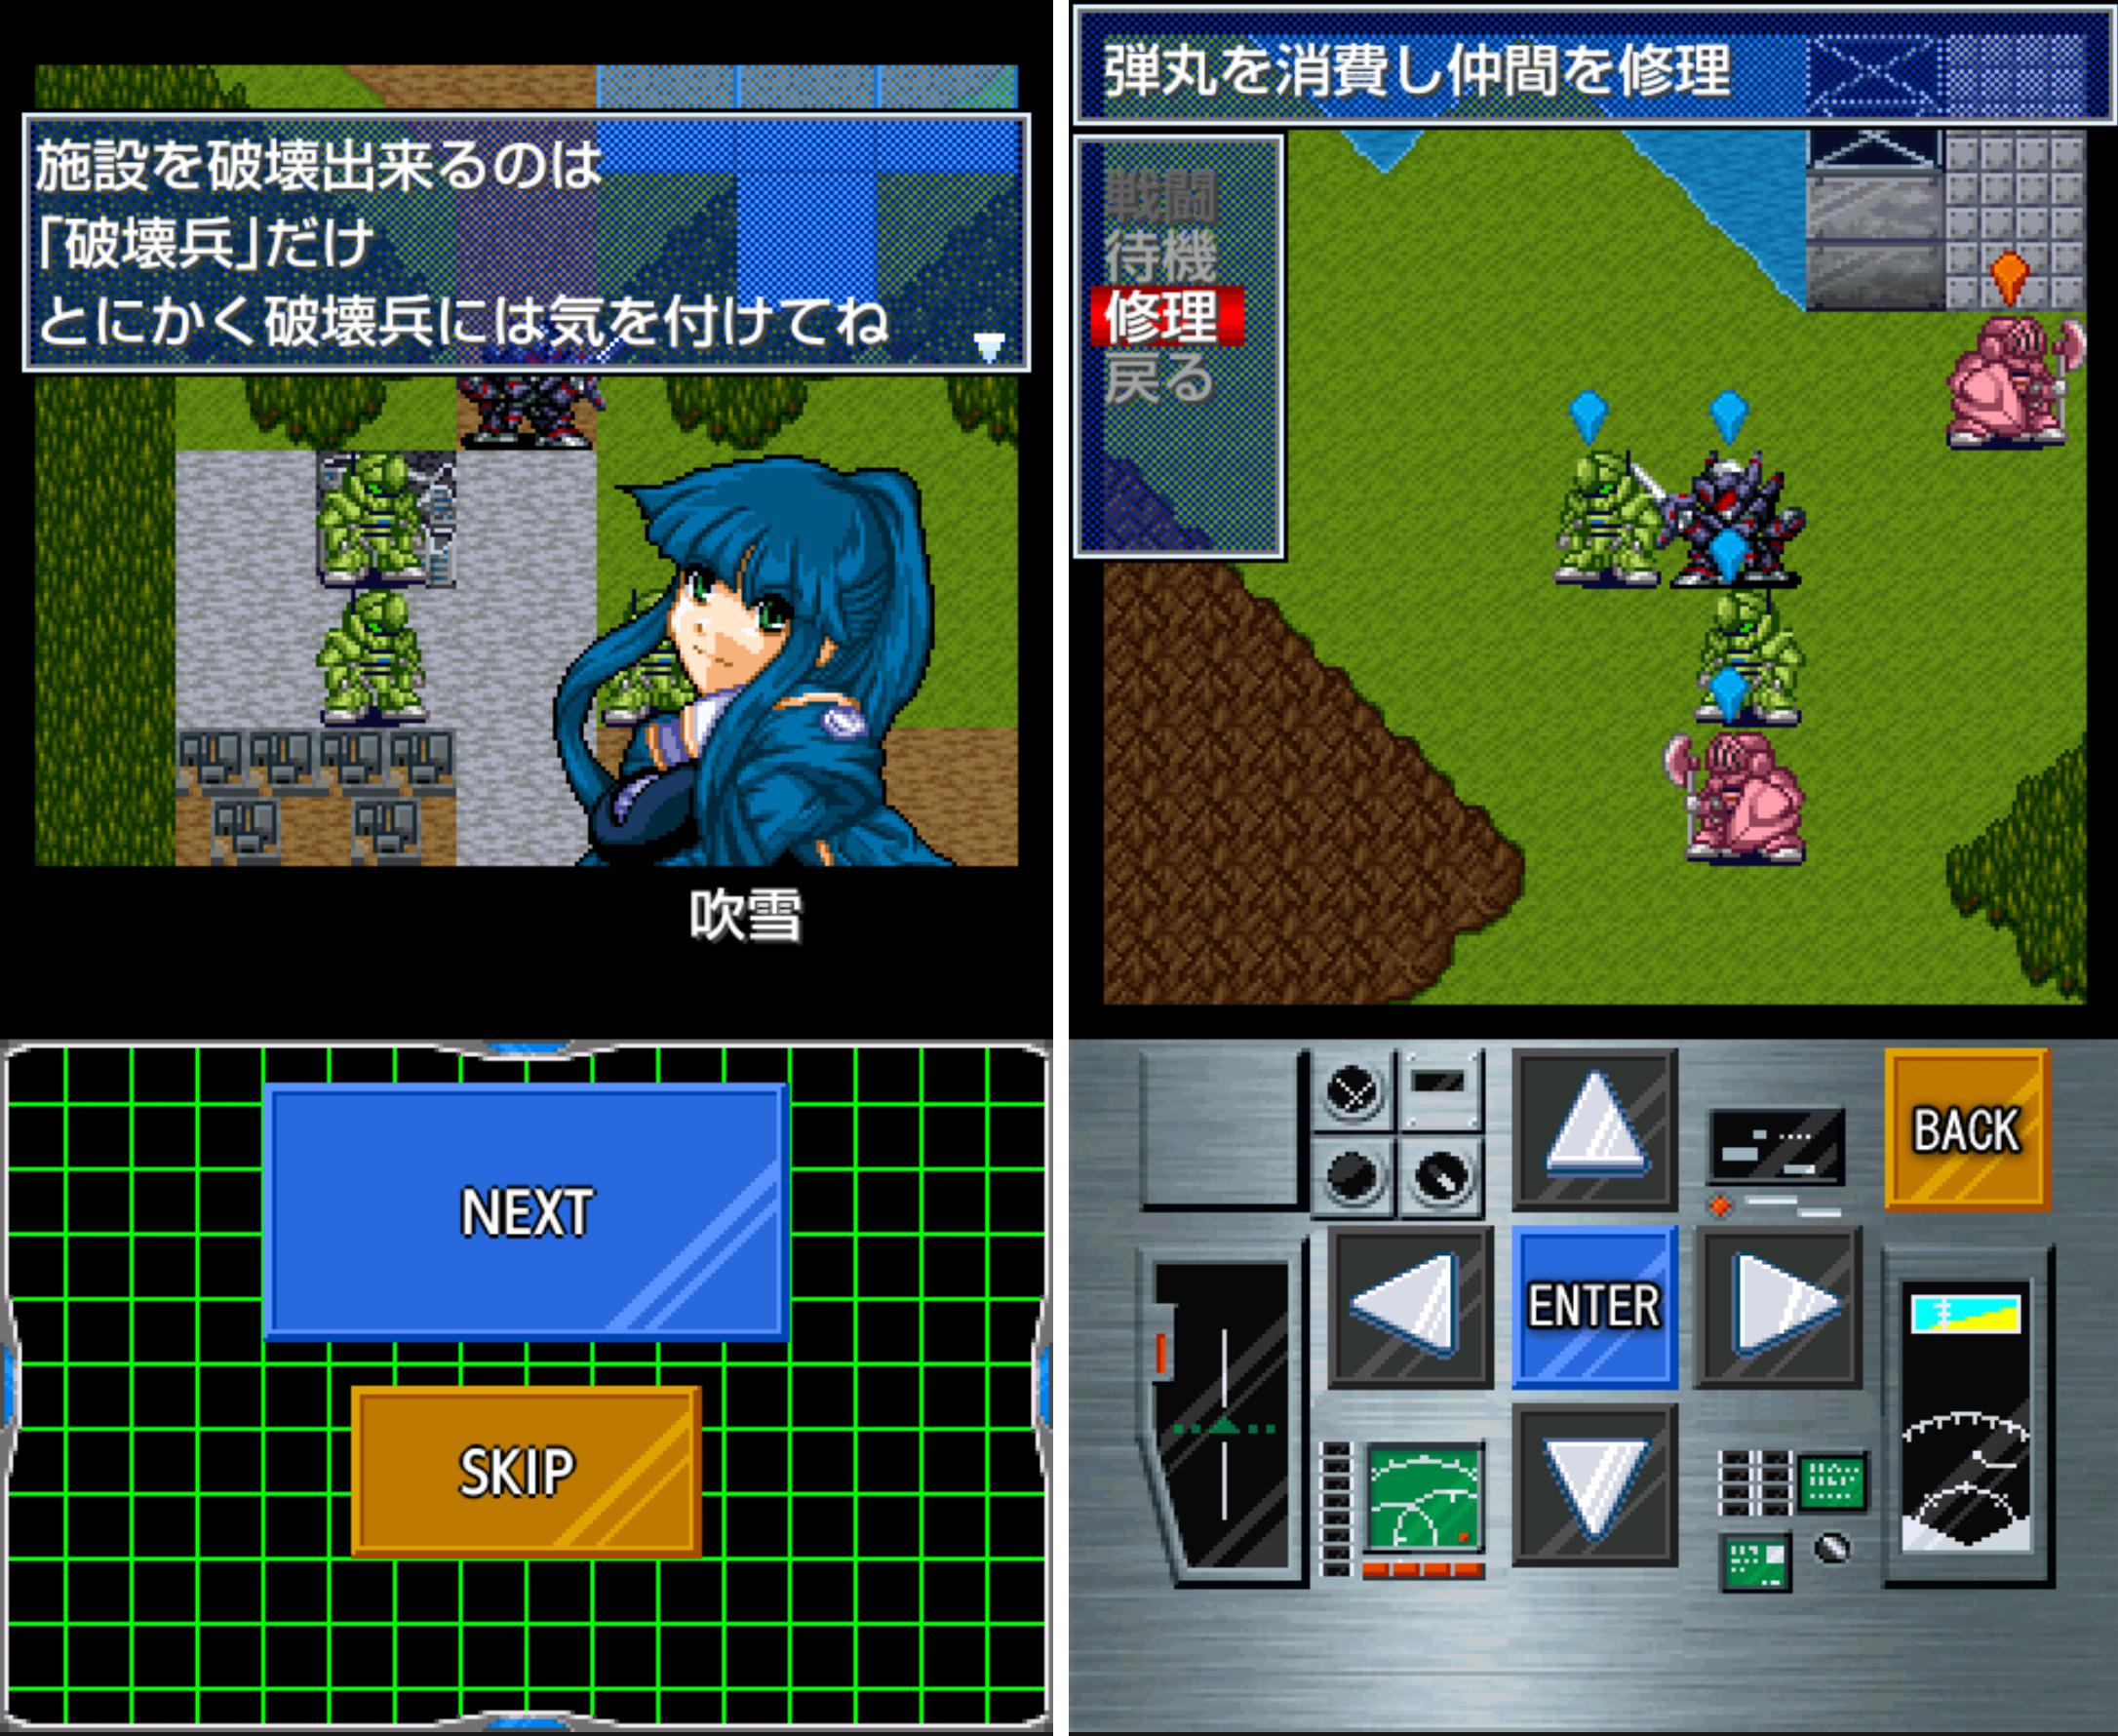 超獣王ジャスティス正伝 androidアプリスクリーンショット1